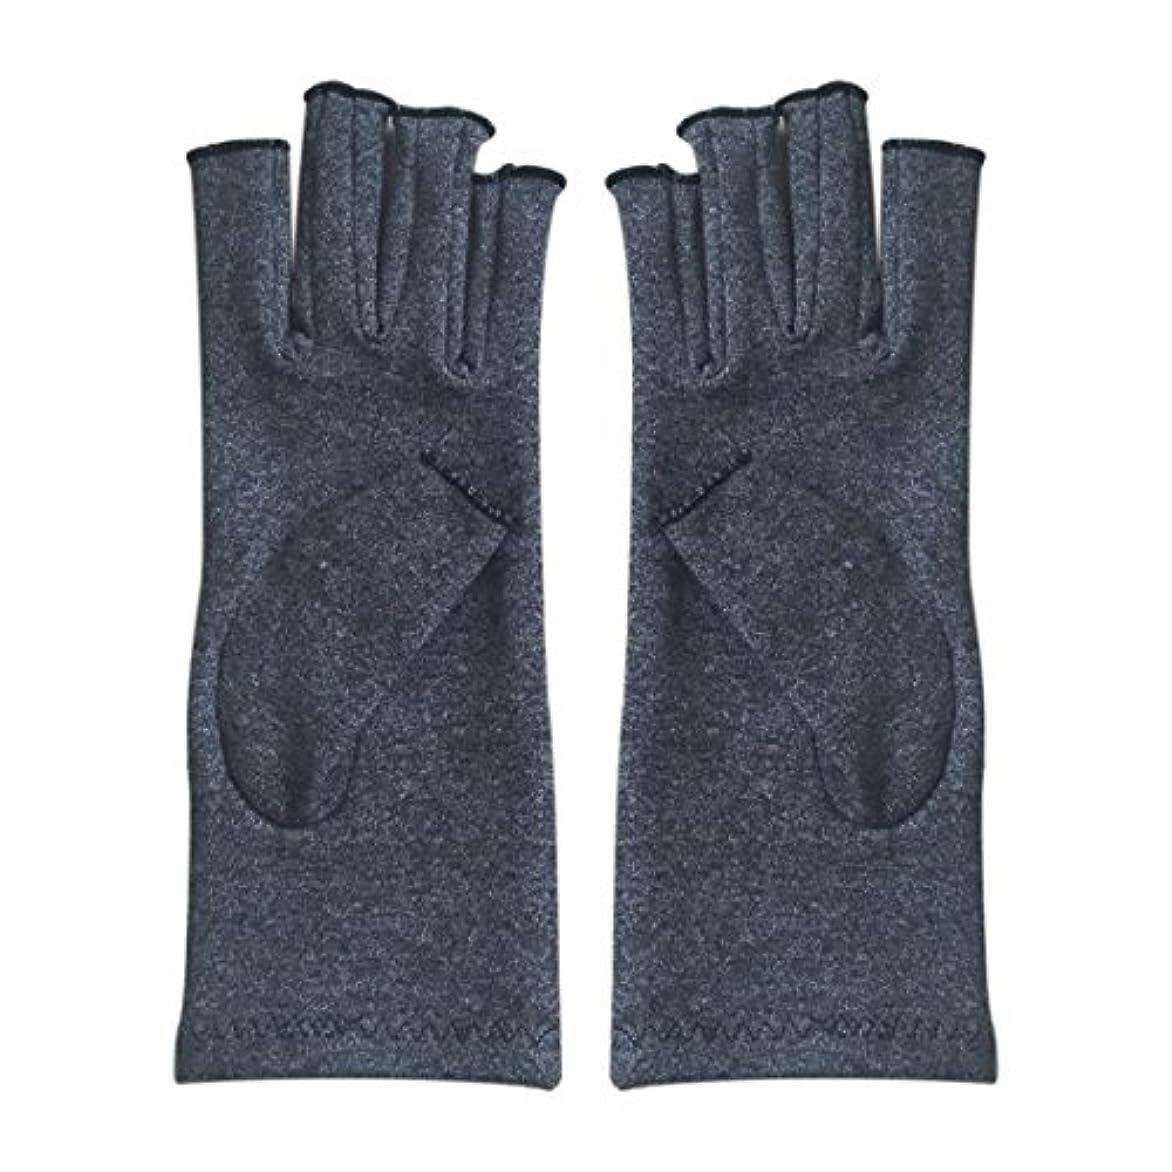 血短命導入するCUHAWUDBA 1ペア成人男性女性用弾性コットンコンプレッション手袋手関節炎関節痛鎮痛軽減M - 灰色、M